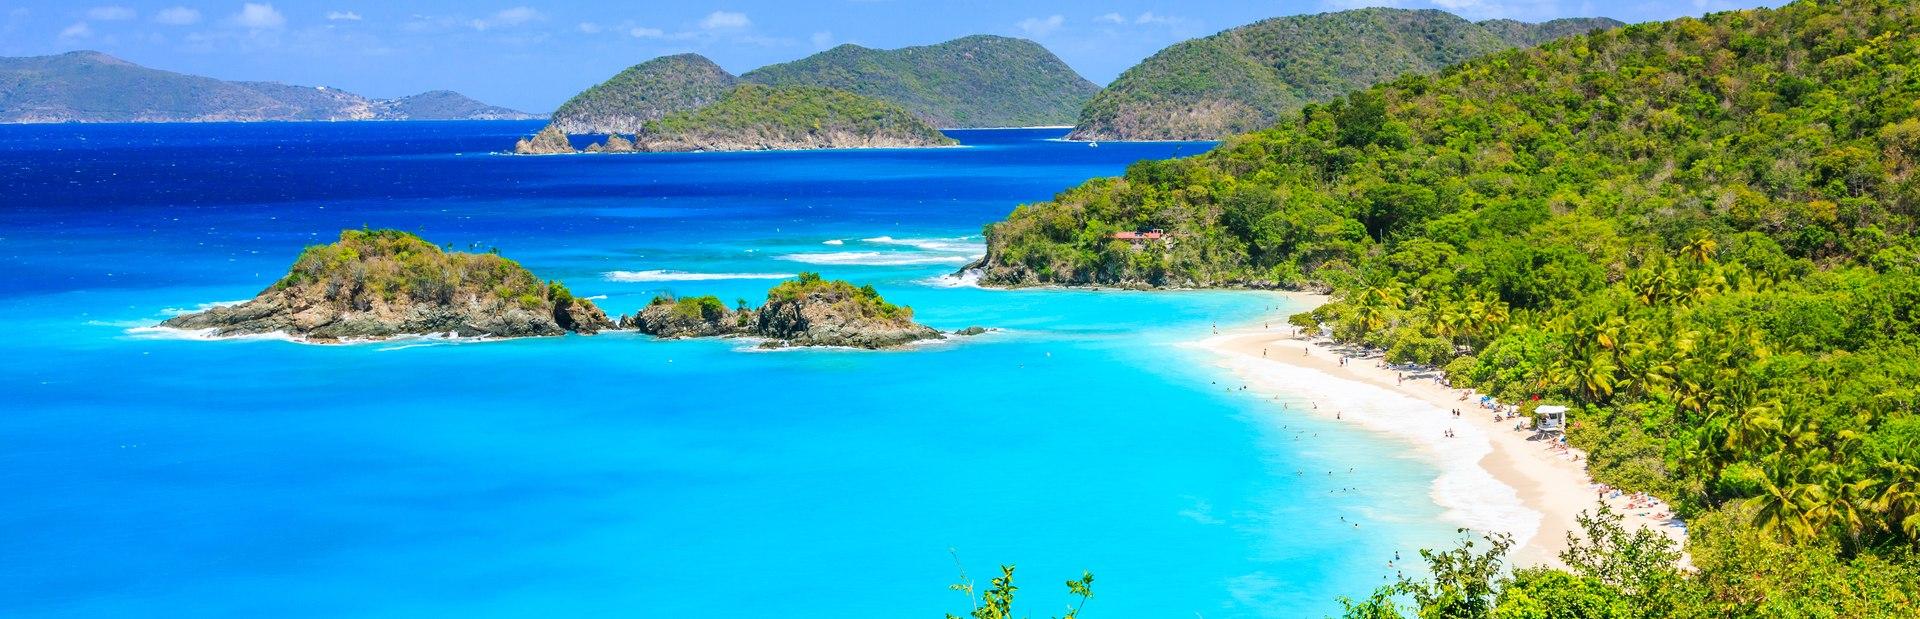 US Virgin Islands charter itineraries